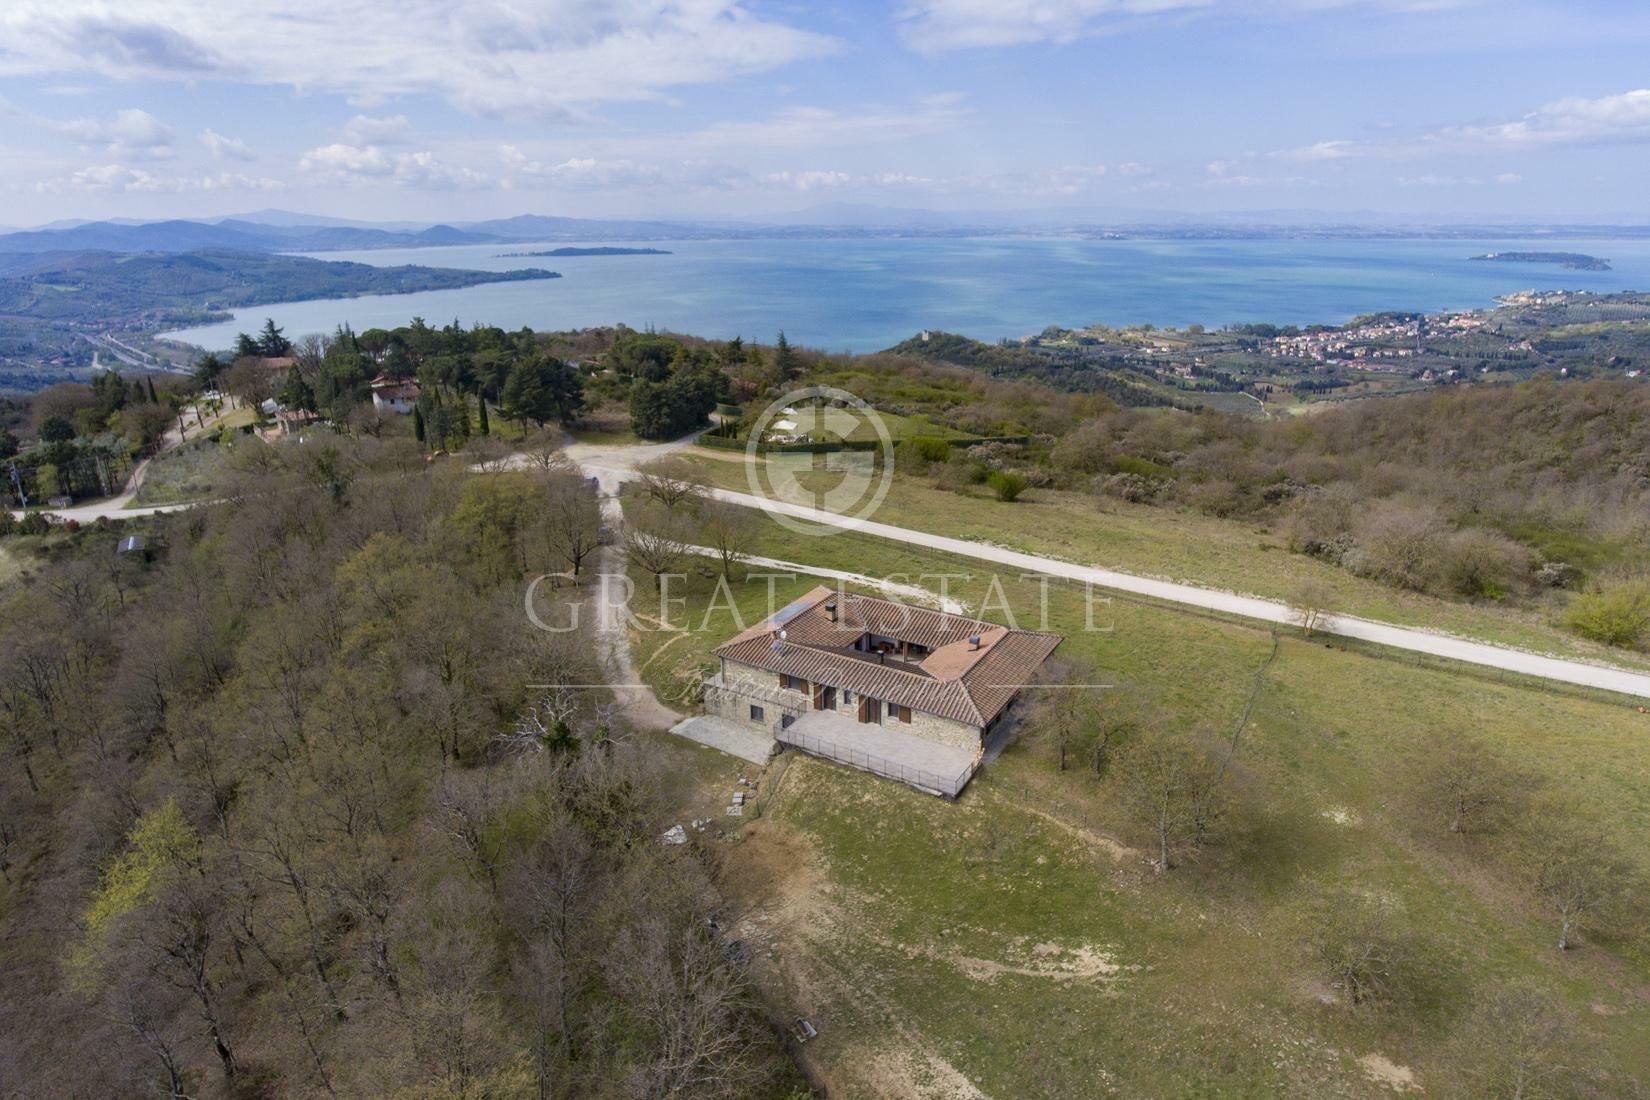 Estate in Passignano sul Trasimeno, Umbria, Italy 1 - 11475650